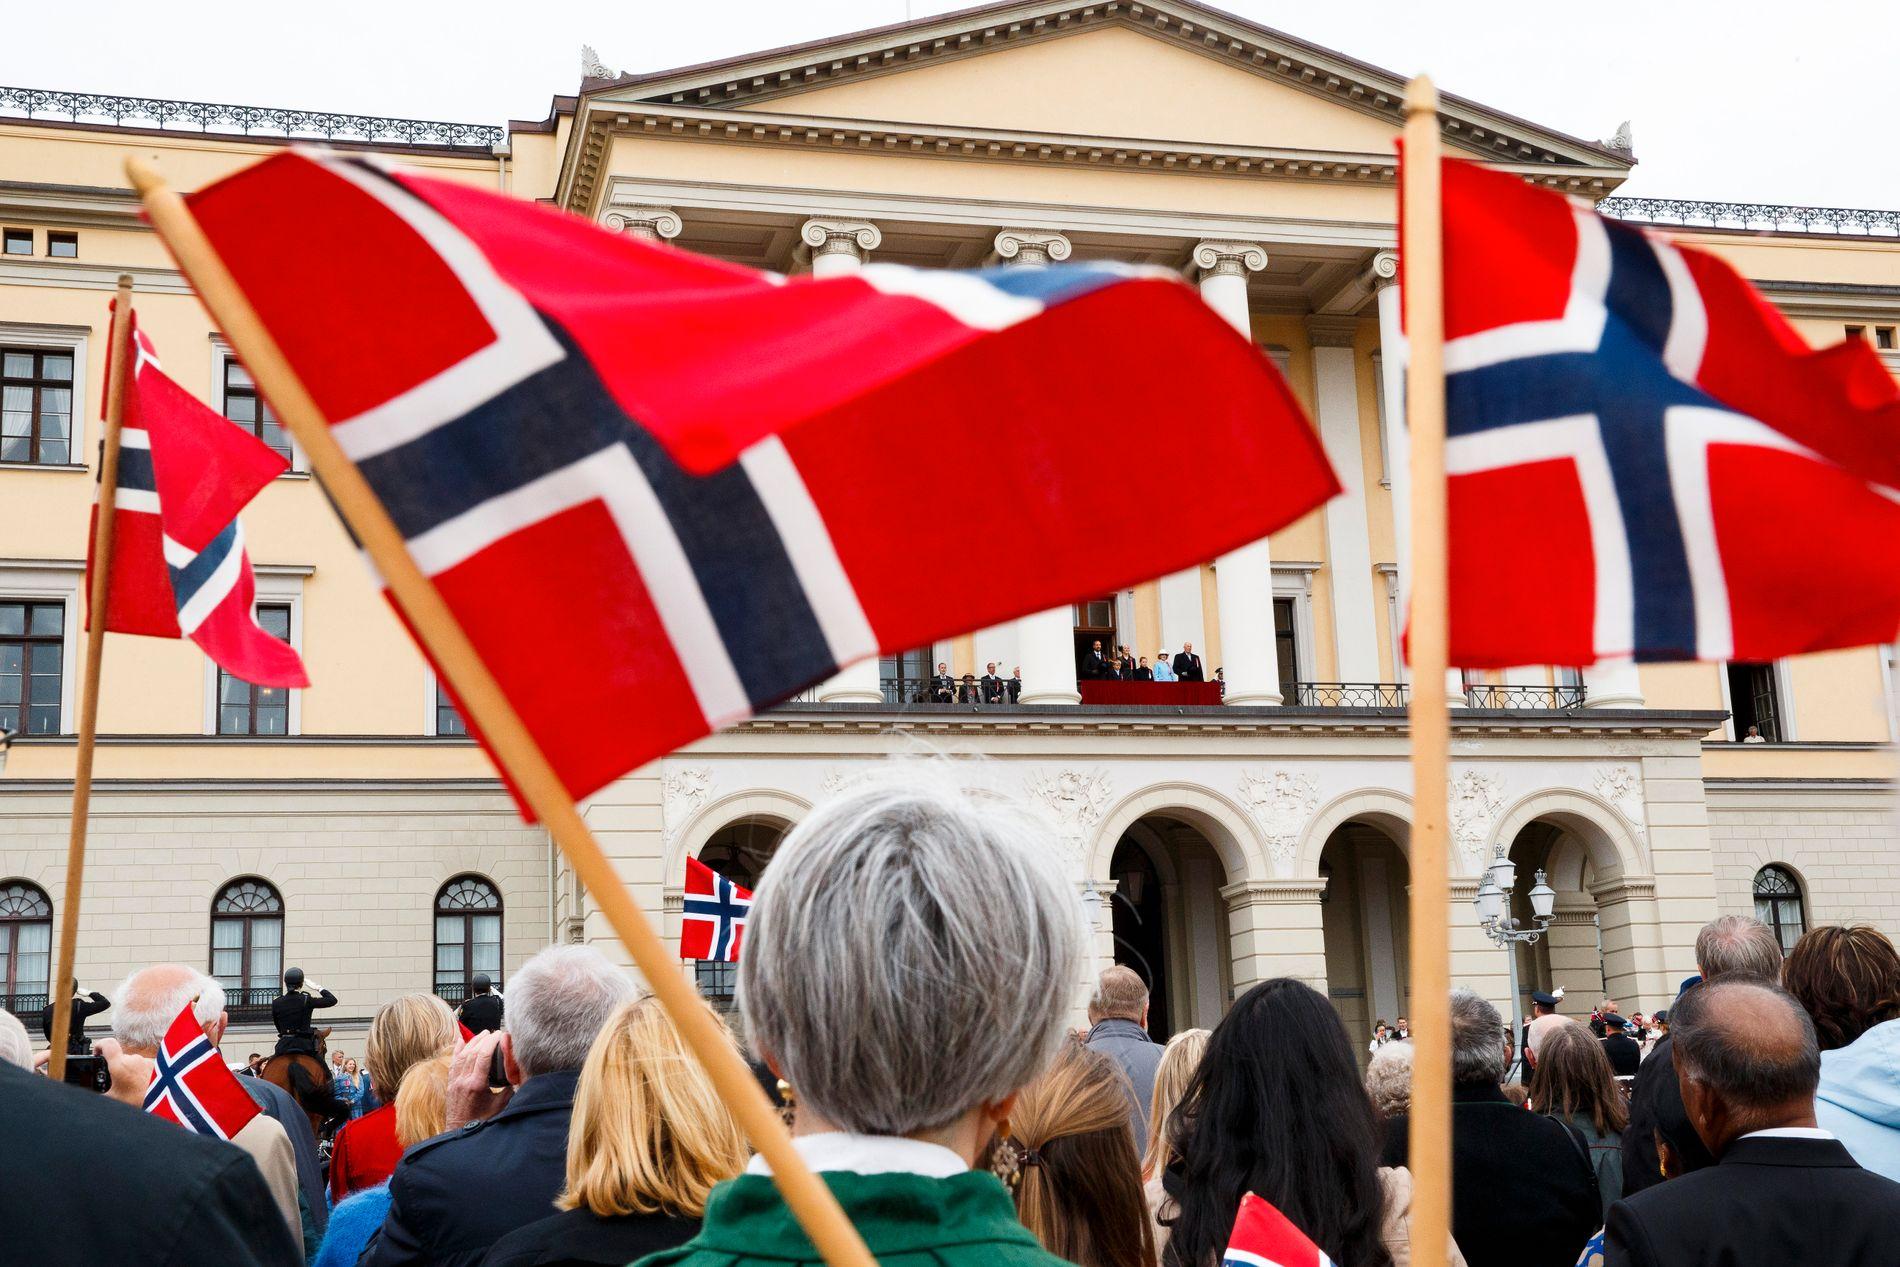 FEIRING: – 17.mai ble offisiell flaggdag og offisiell høytidsdag med arbeidsfri først i 1947!